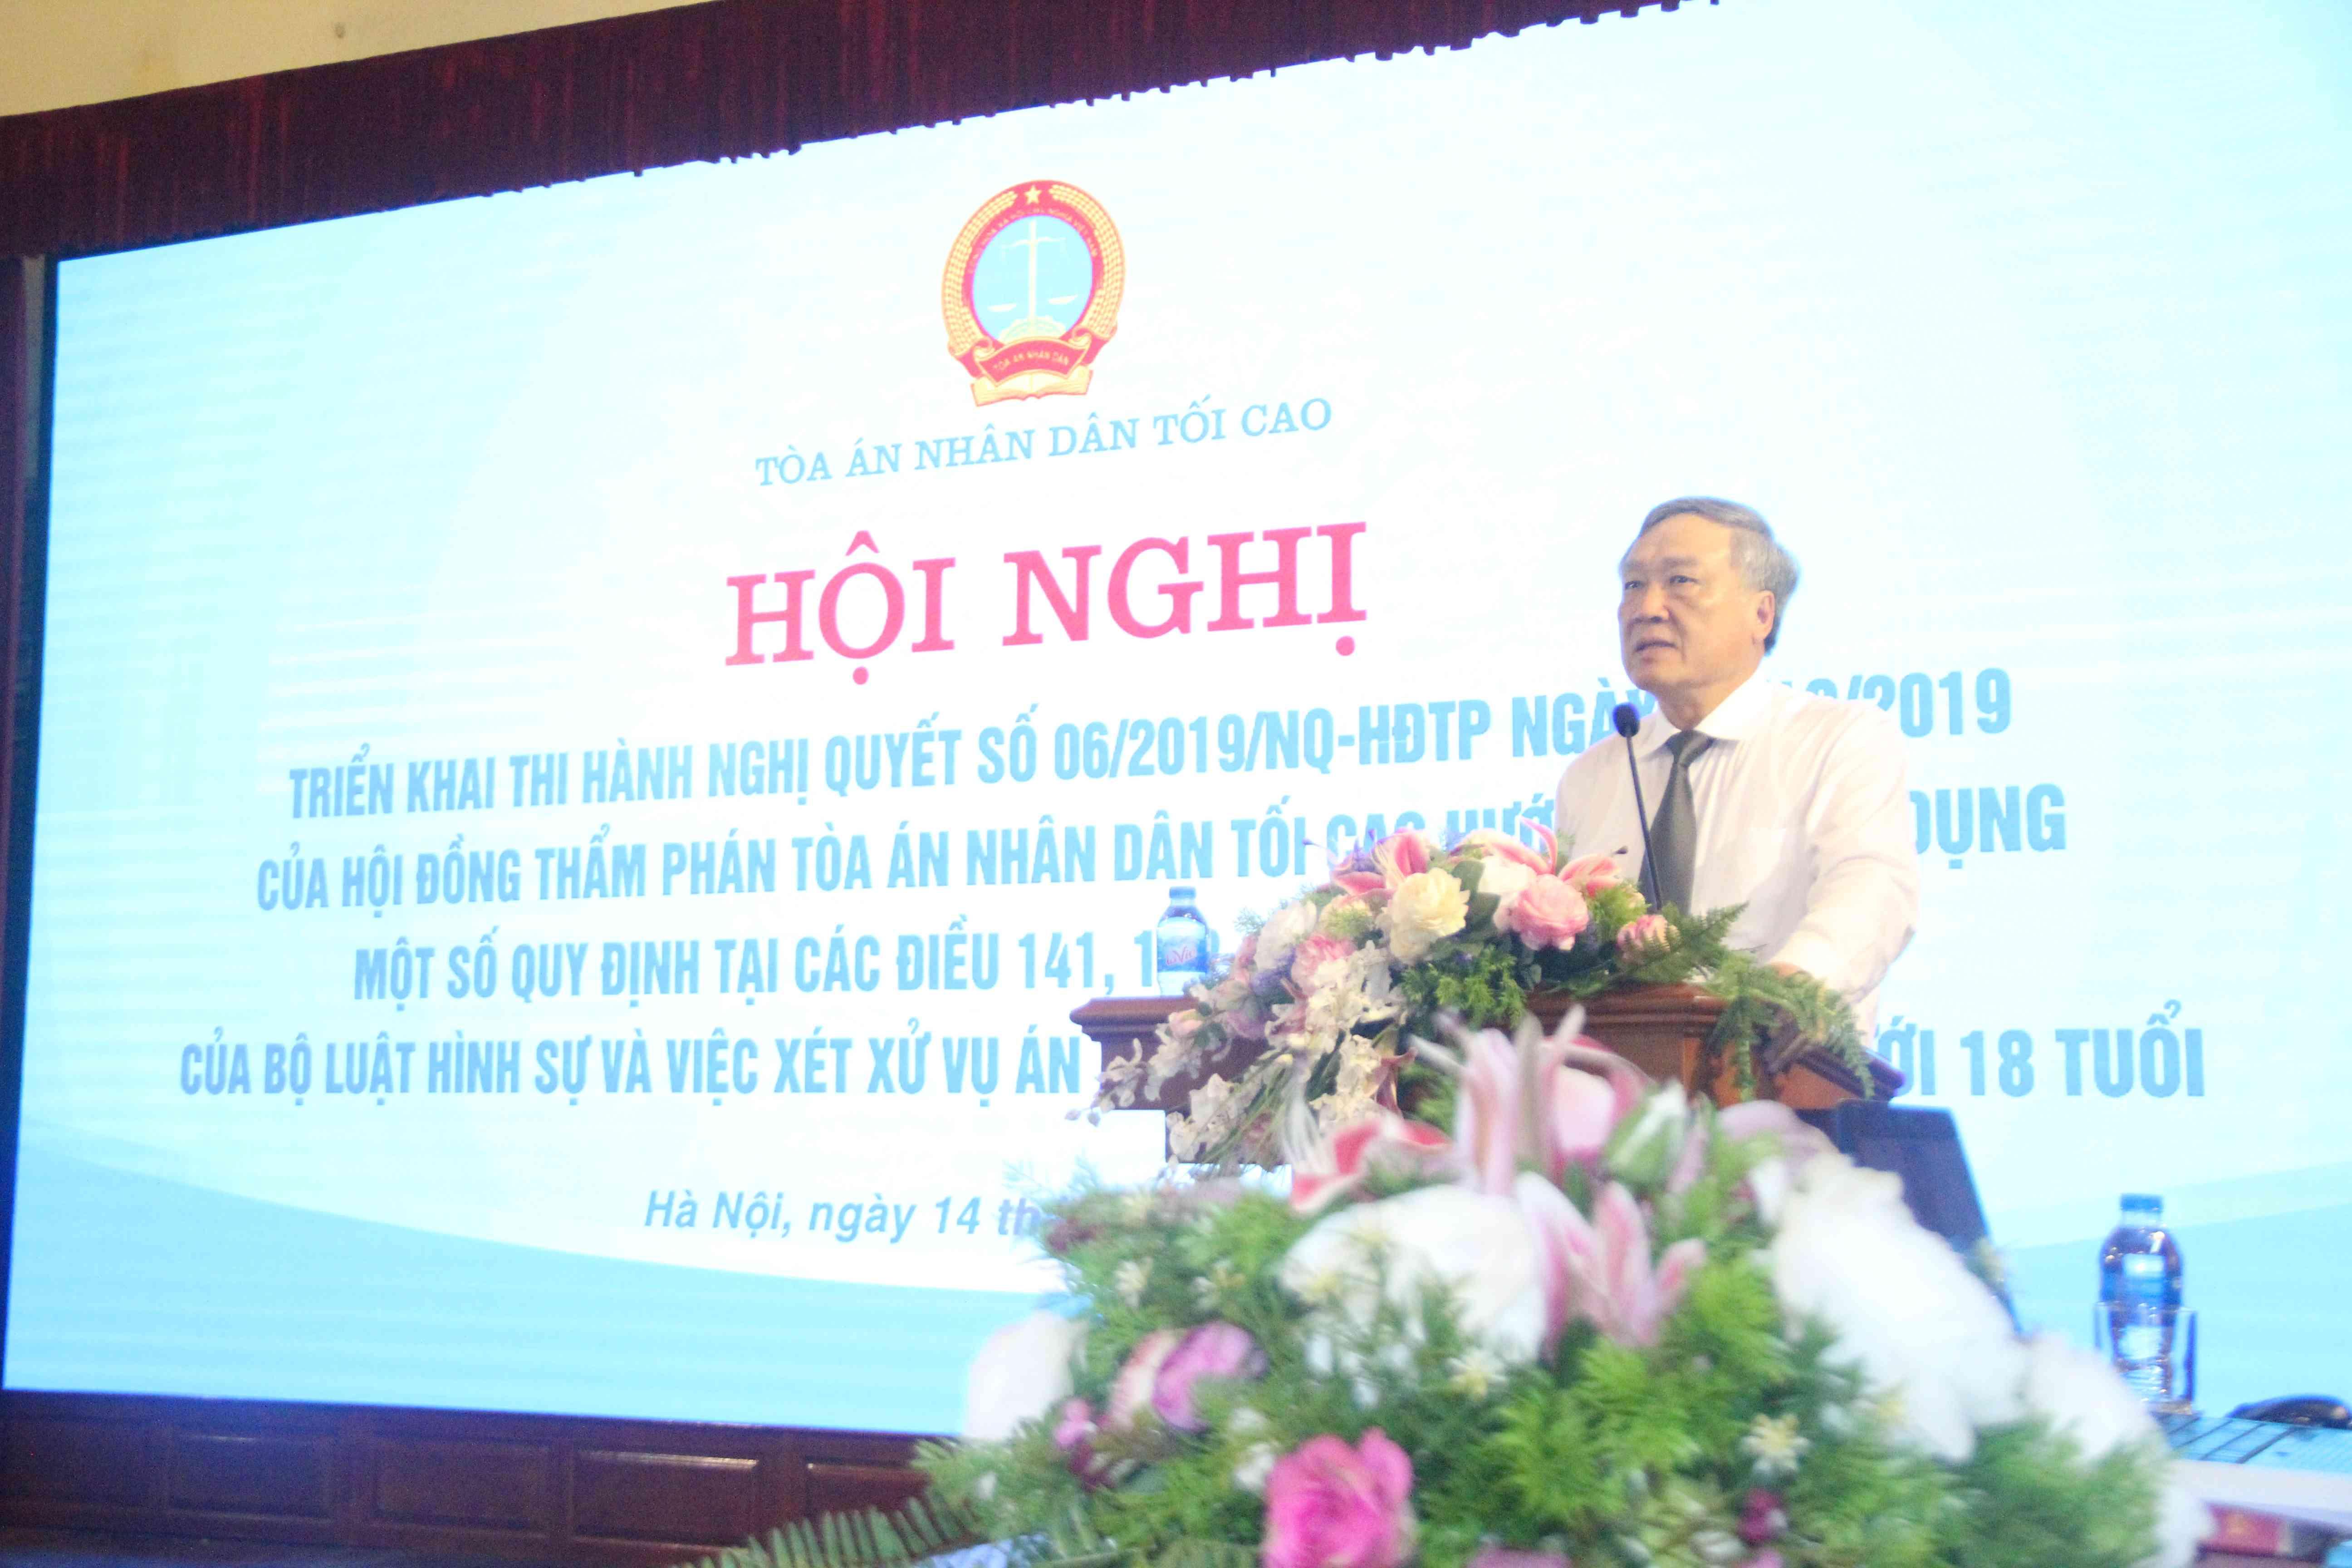 Từ ngày 5/11, những quy định rất nhân văn trong Nghị quyết 06/NQ-HĐTP bắt đầu được thực hiện